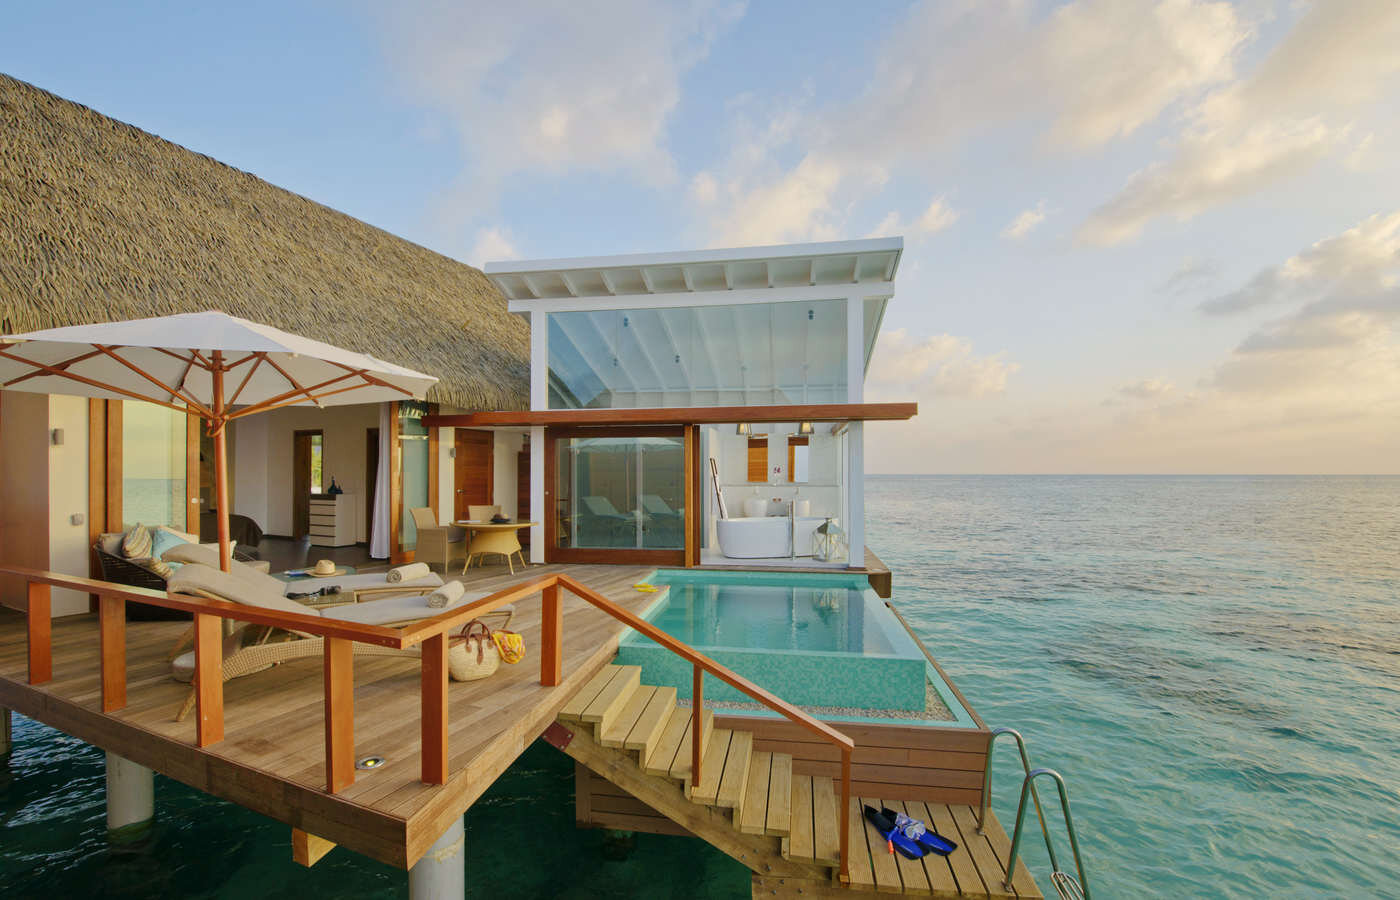 023 - Ocean Pool Villa.jpg